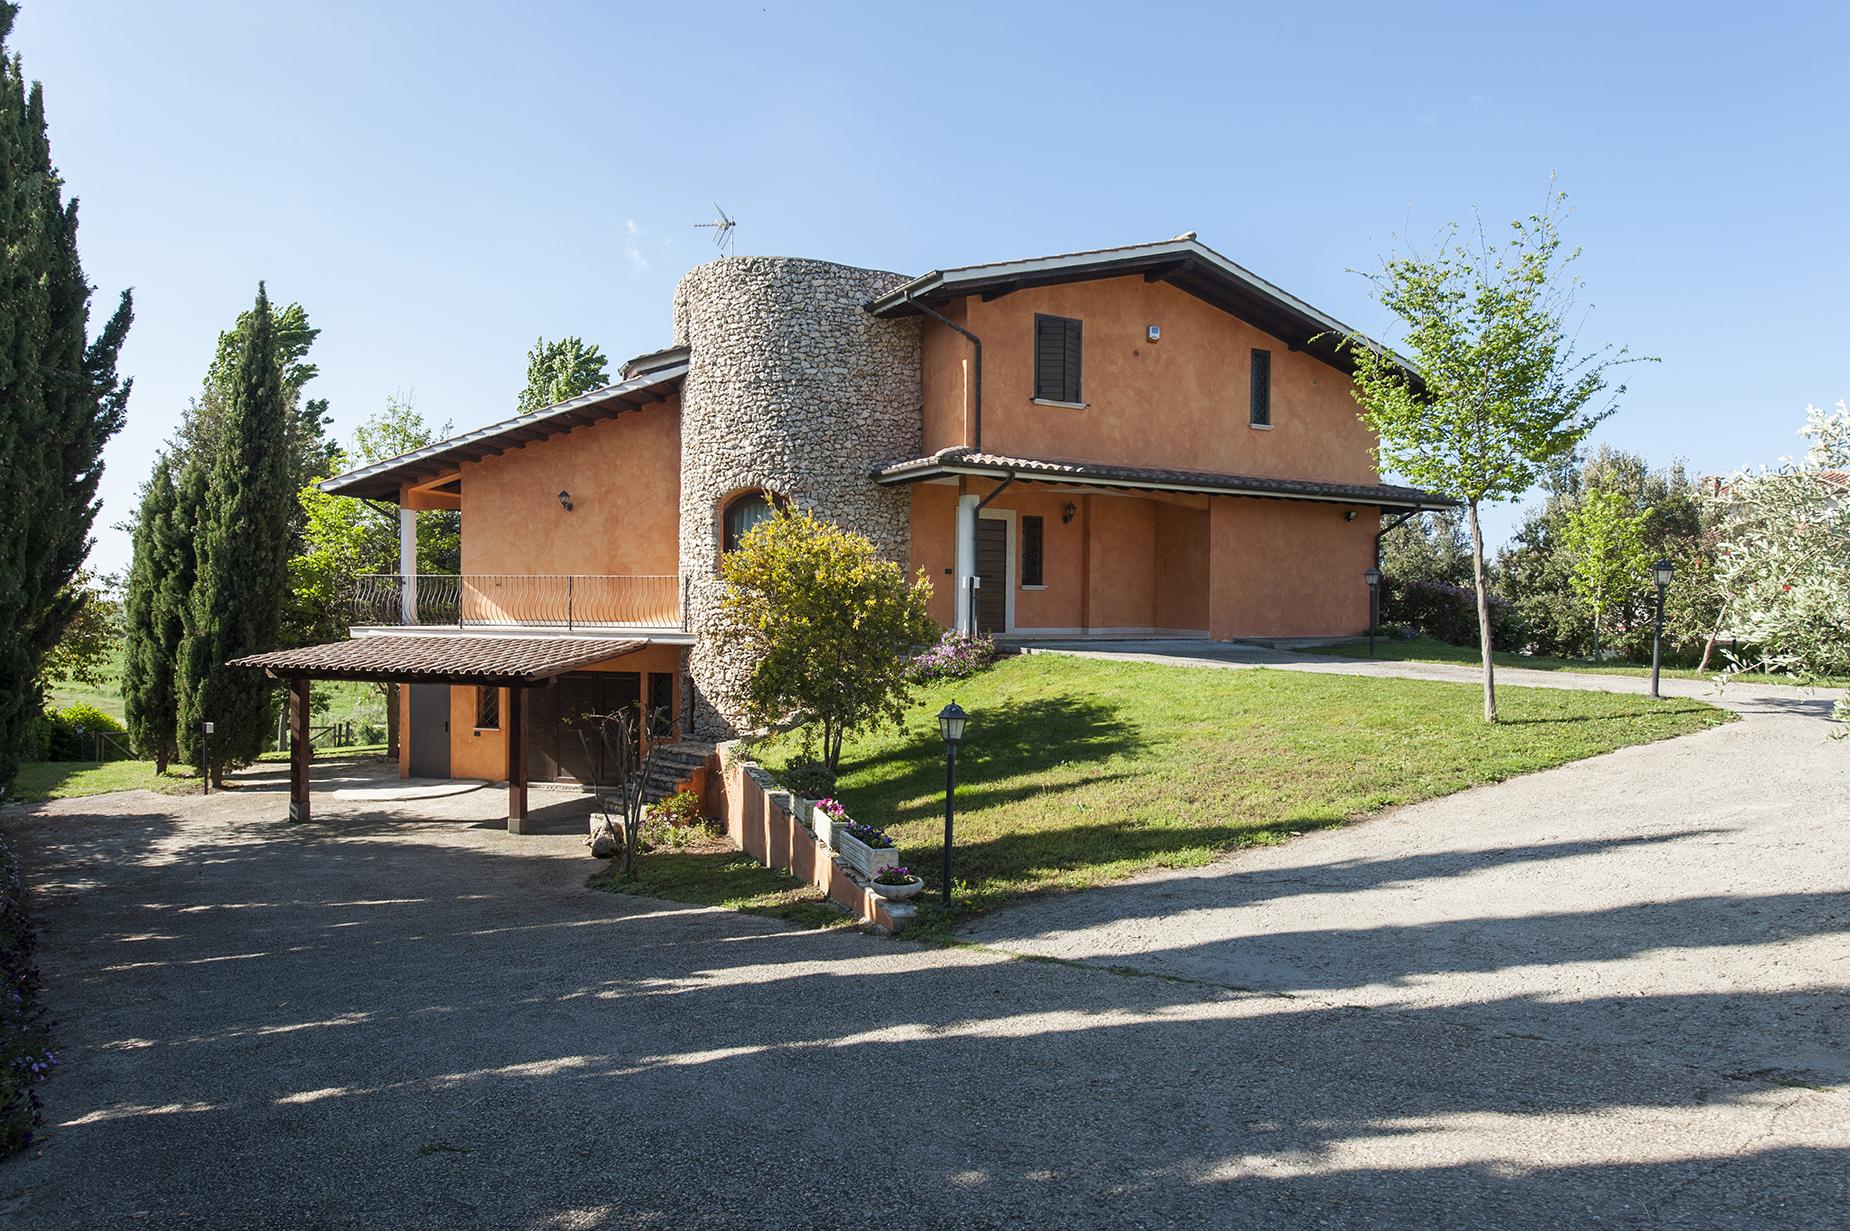 Villa in Vendita a Cerveteri: 5 locali, 400 mq